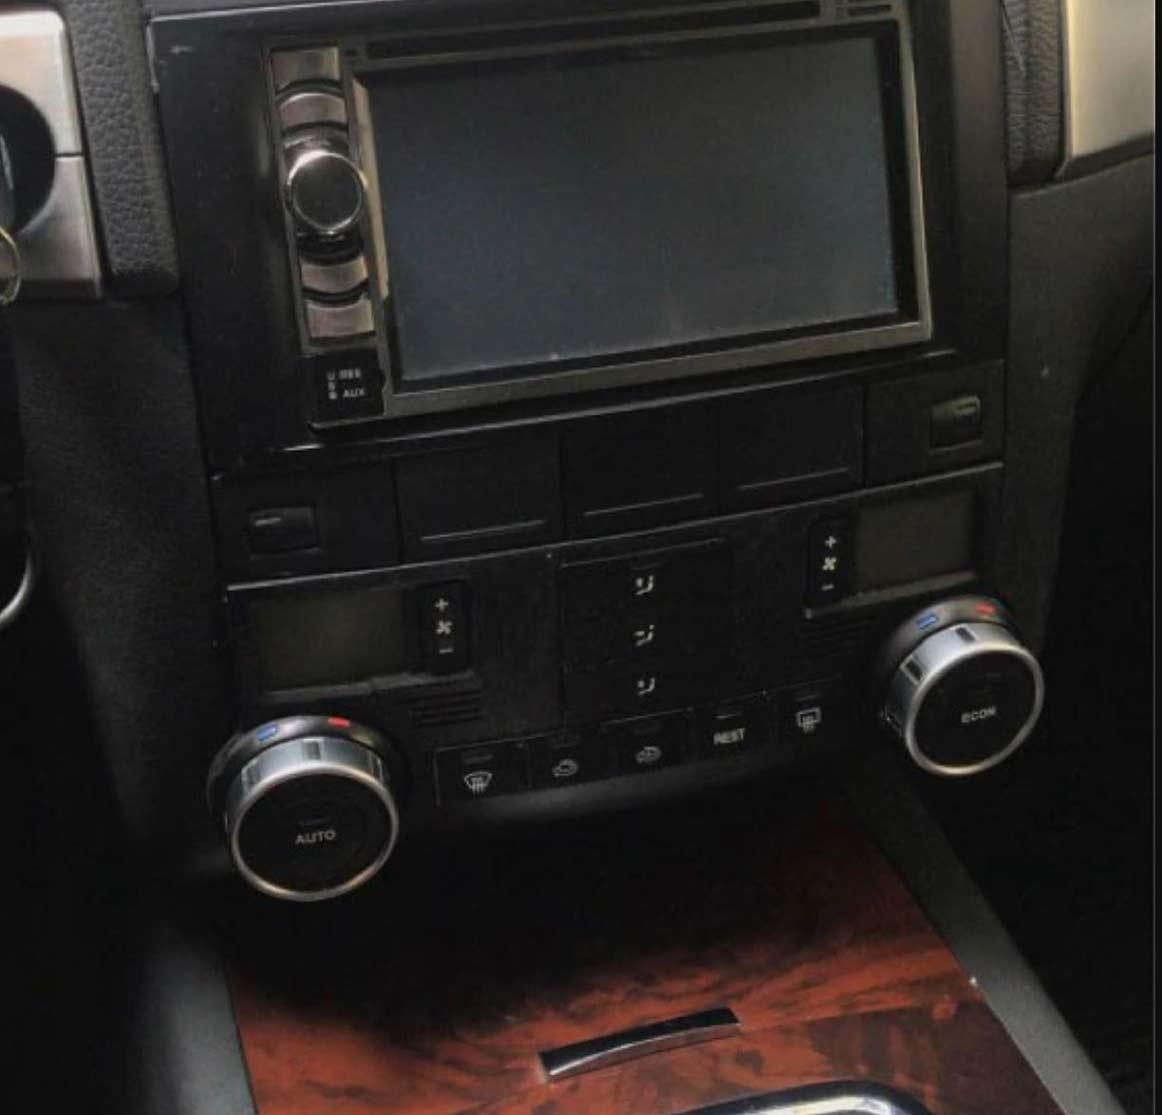 VW Touareg Αυτοκόλλητα Κουμπιών Διακοπτών